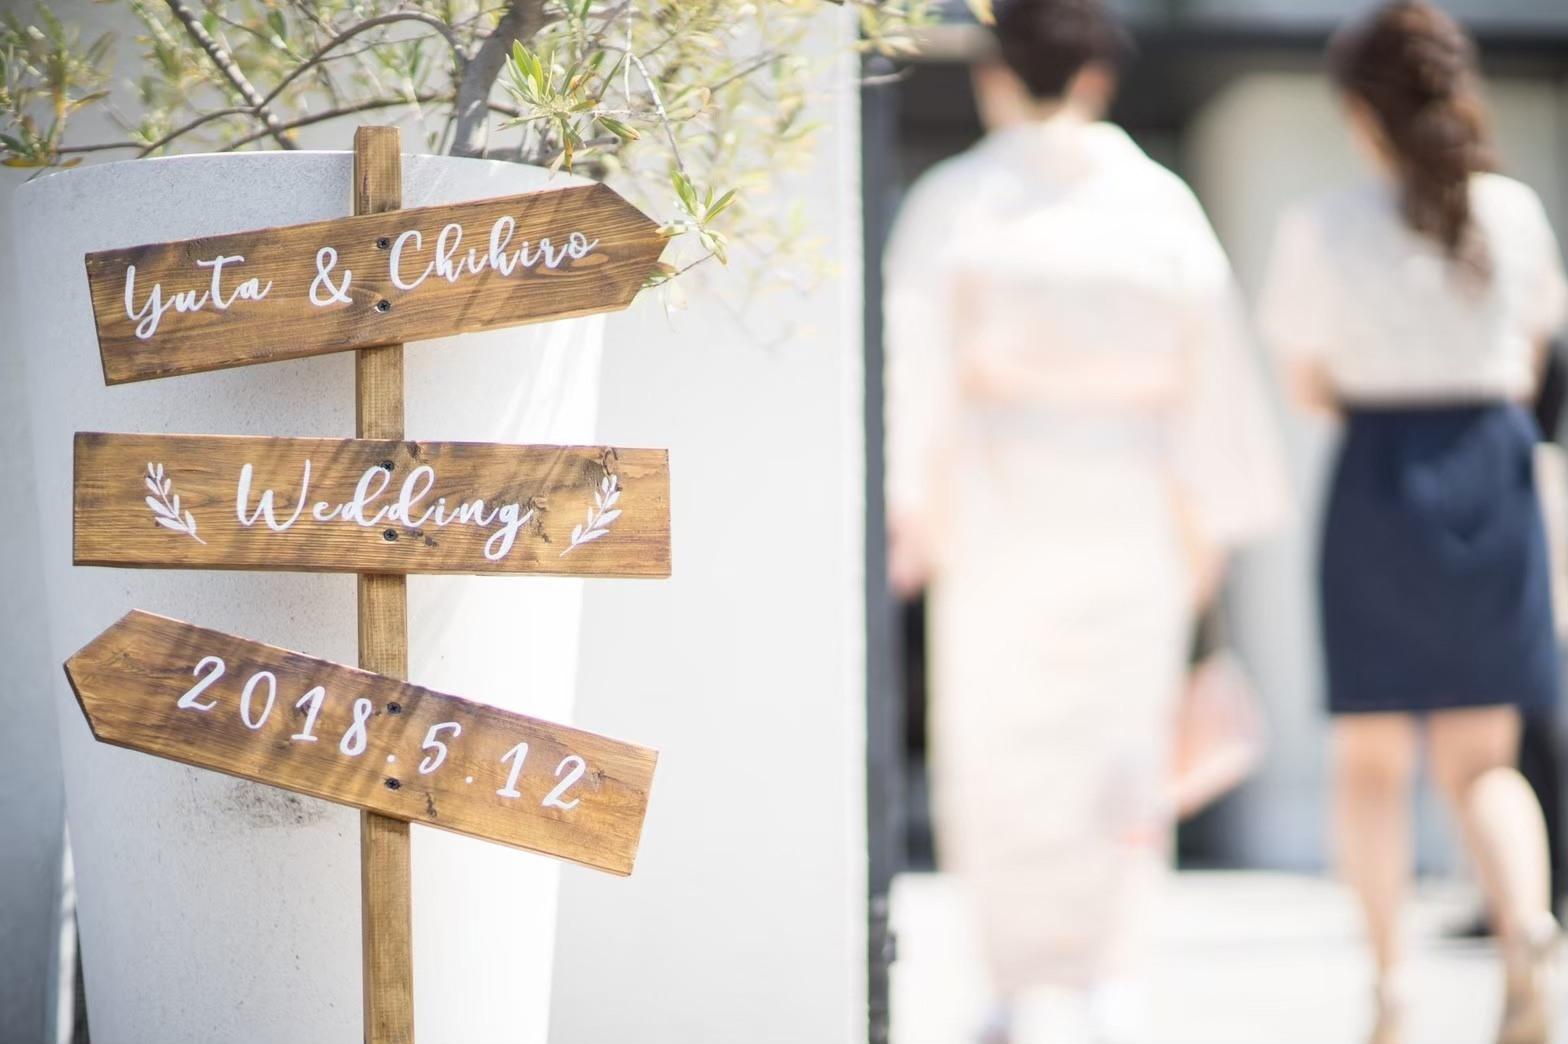 香川県の人気の結婚式場のシェルエメール&アイスタイルのウエルカムサイン